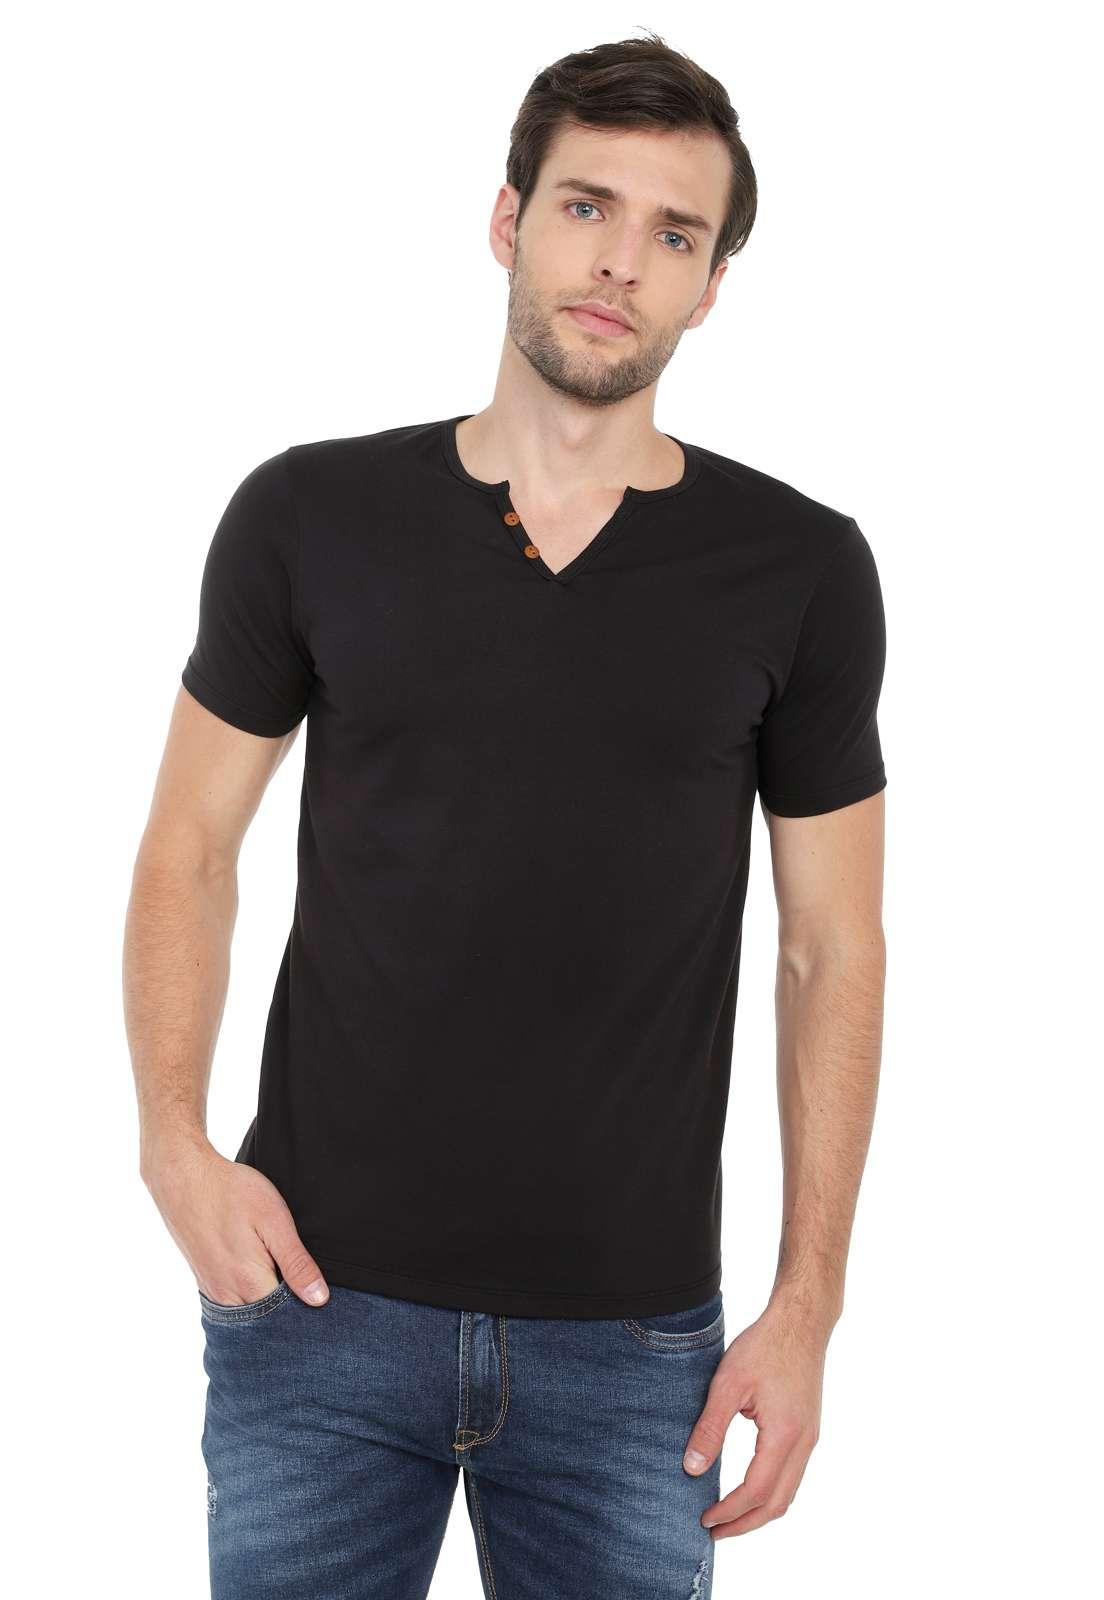 Camiseta Con Botones Licrada - Negro | Polovers